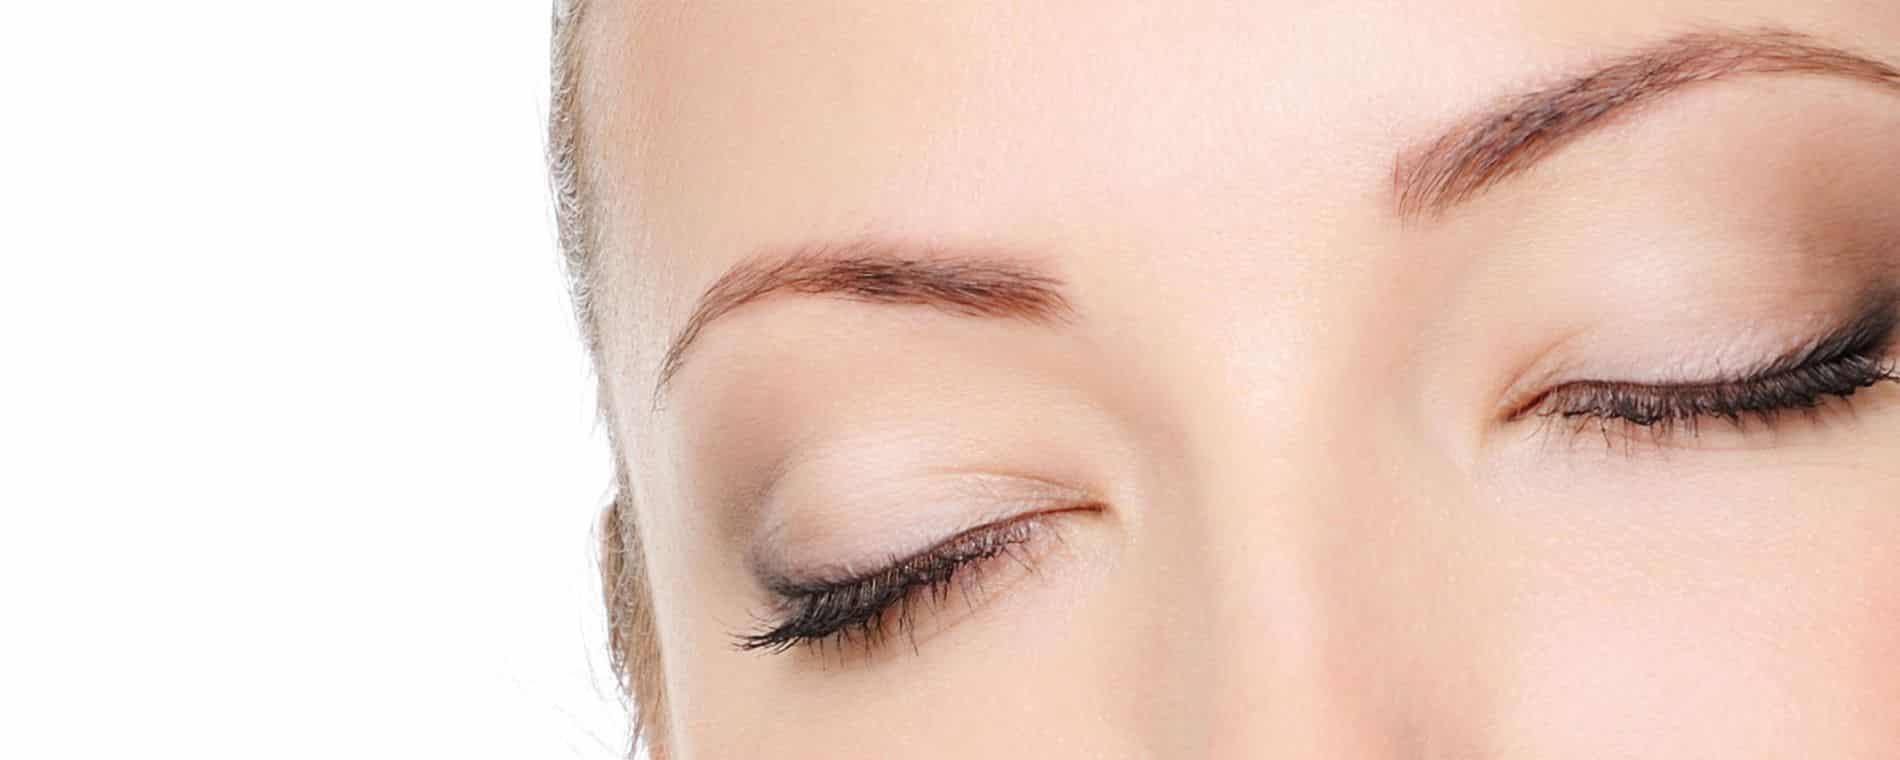 Blefaroplastia, também um remédio contra o olho seco